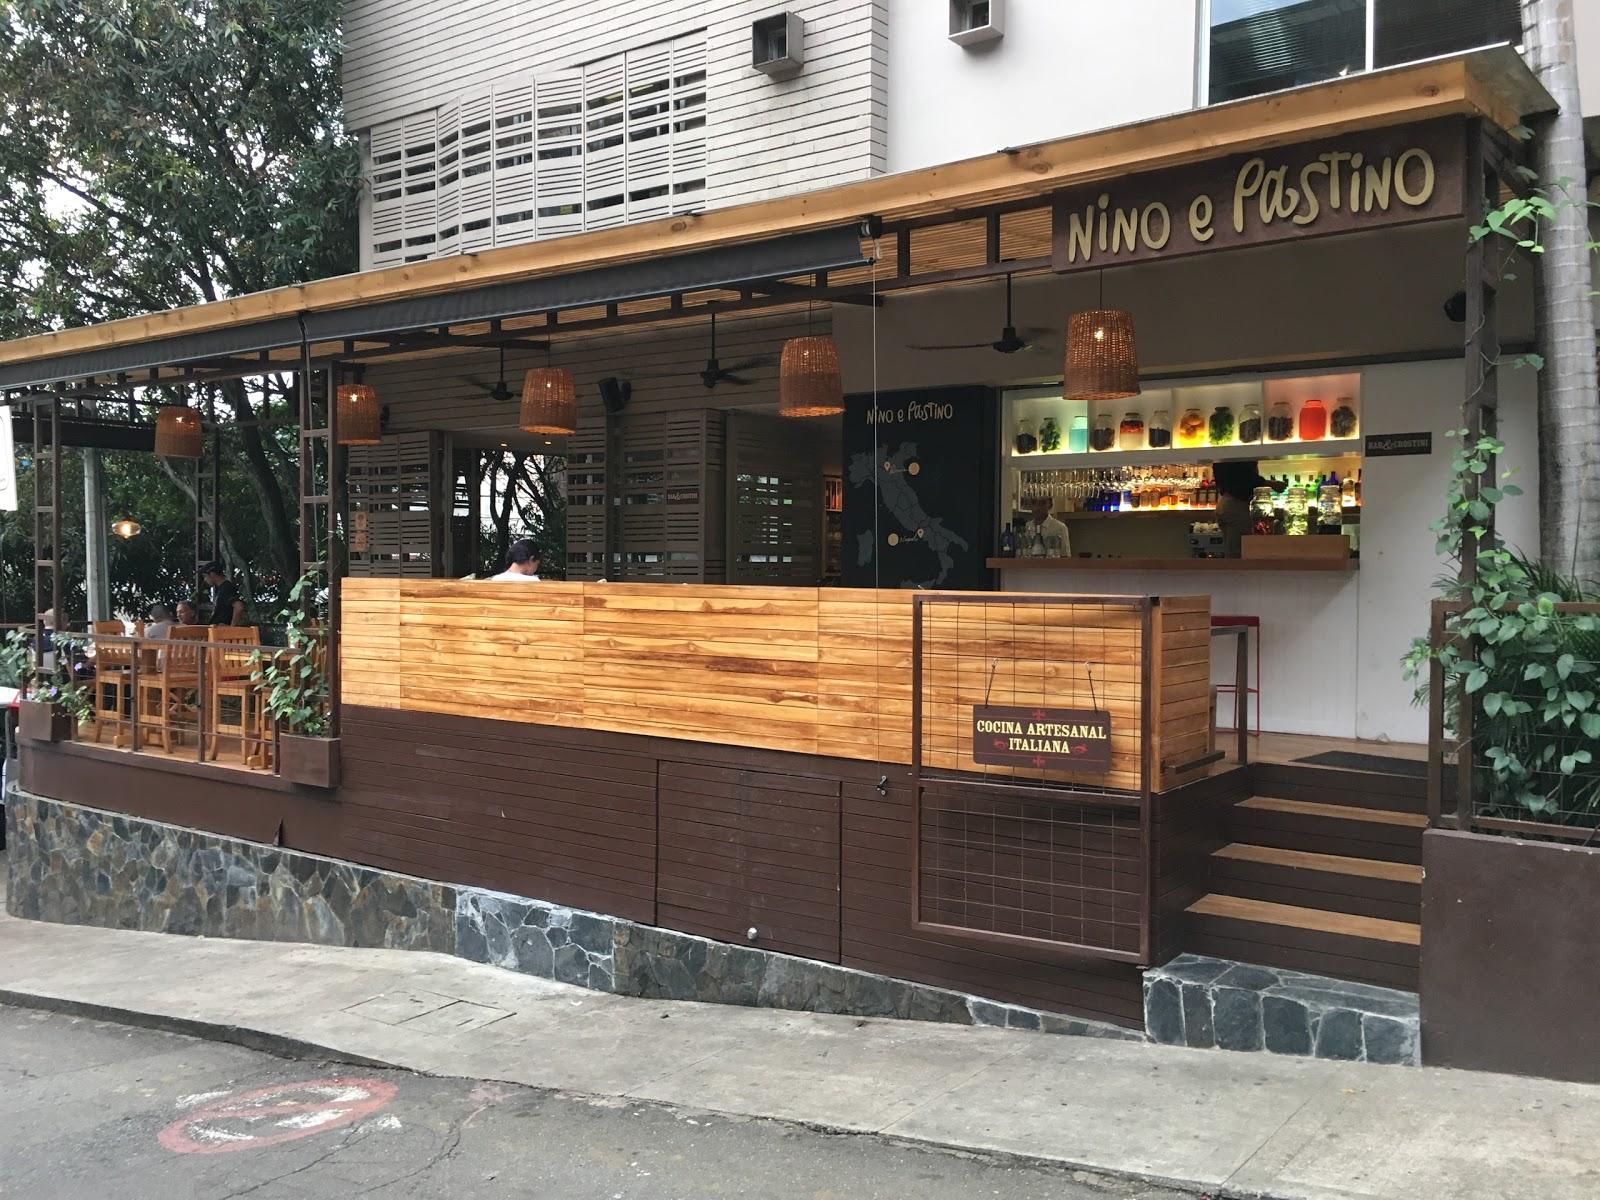 Nino e Pastino Parque Lleras: A Work-Friendly Place in Medellin